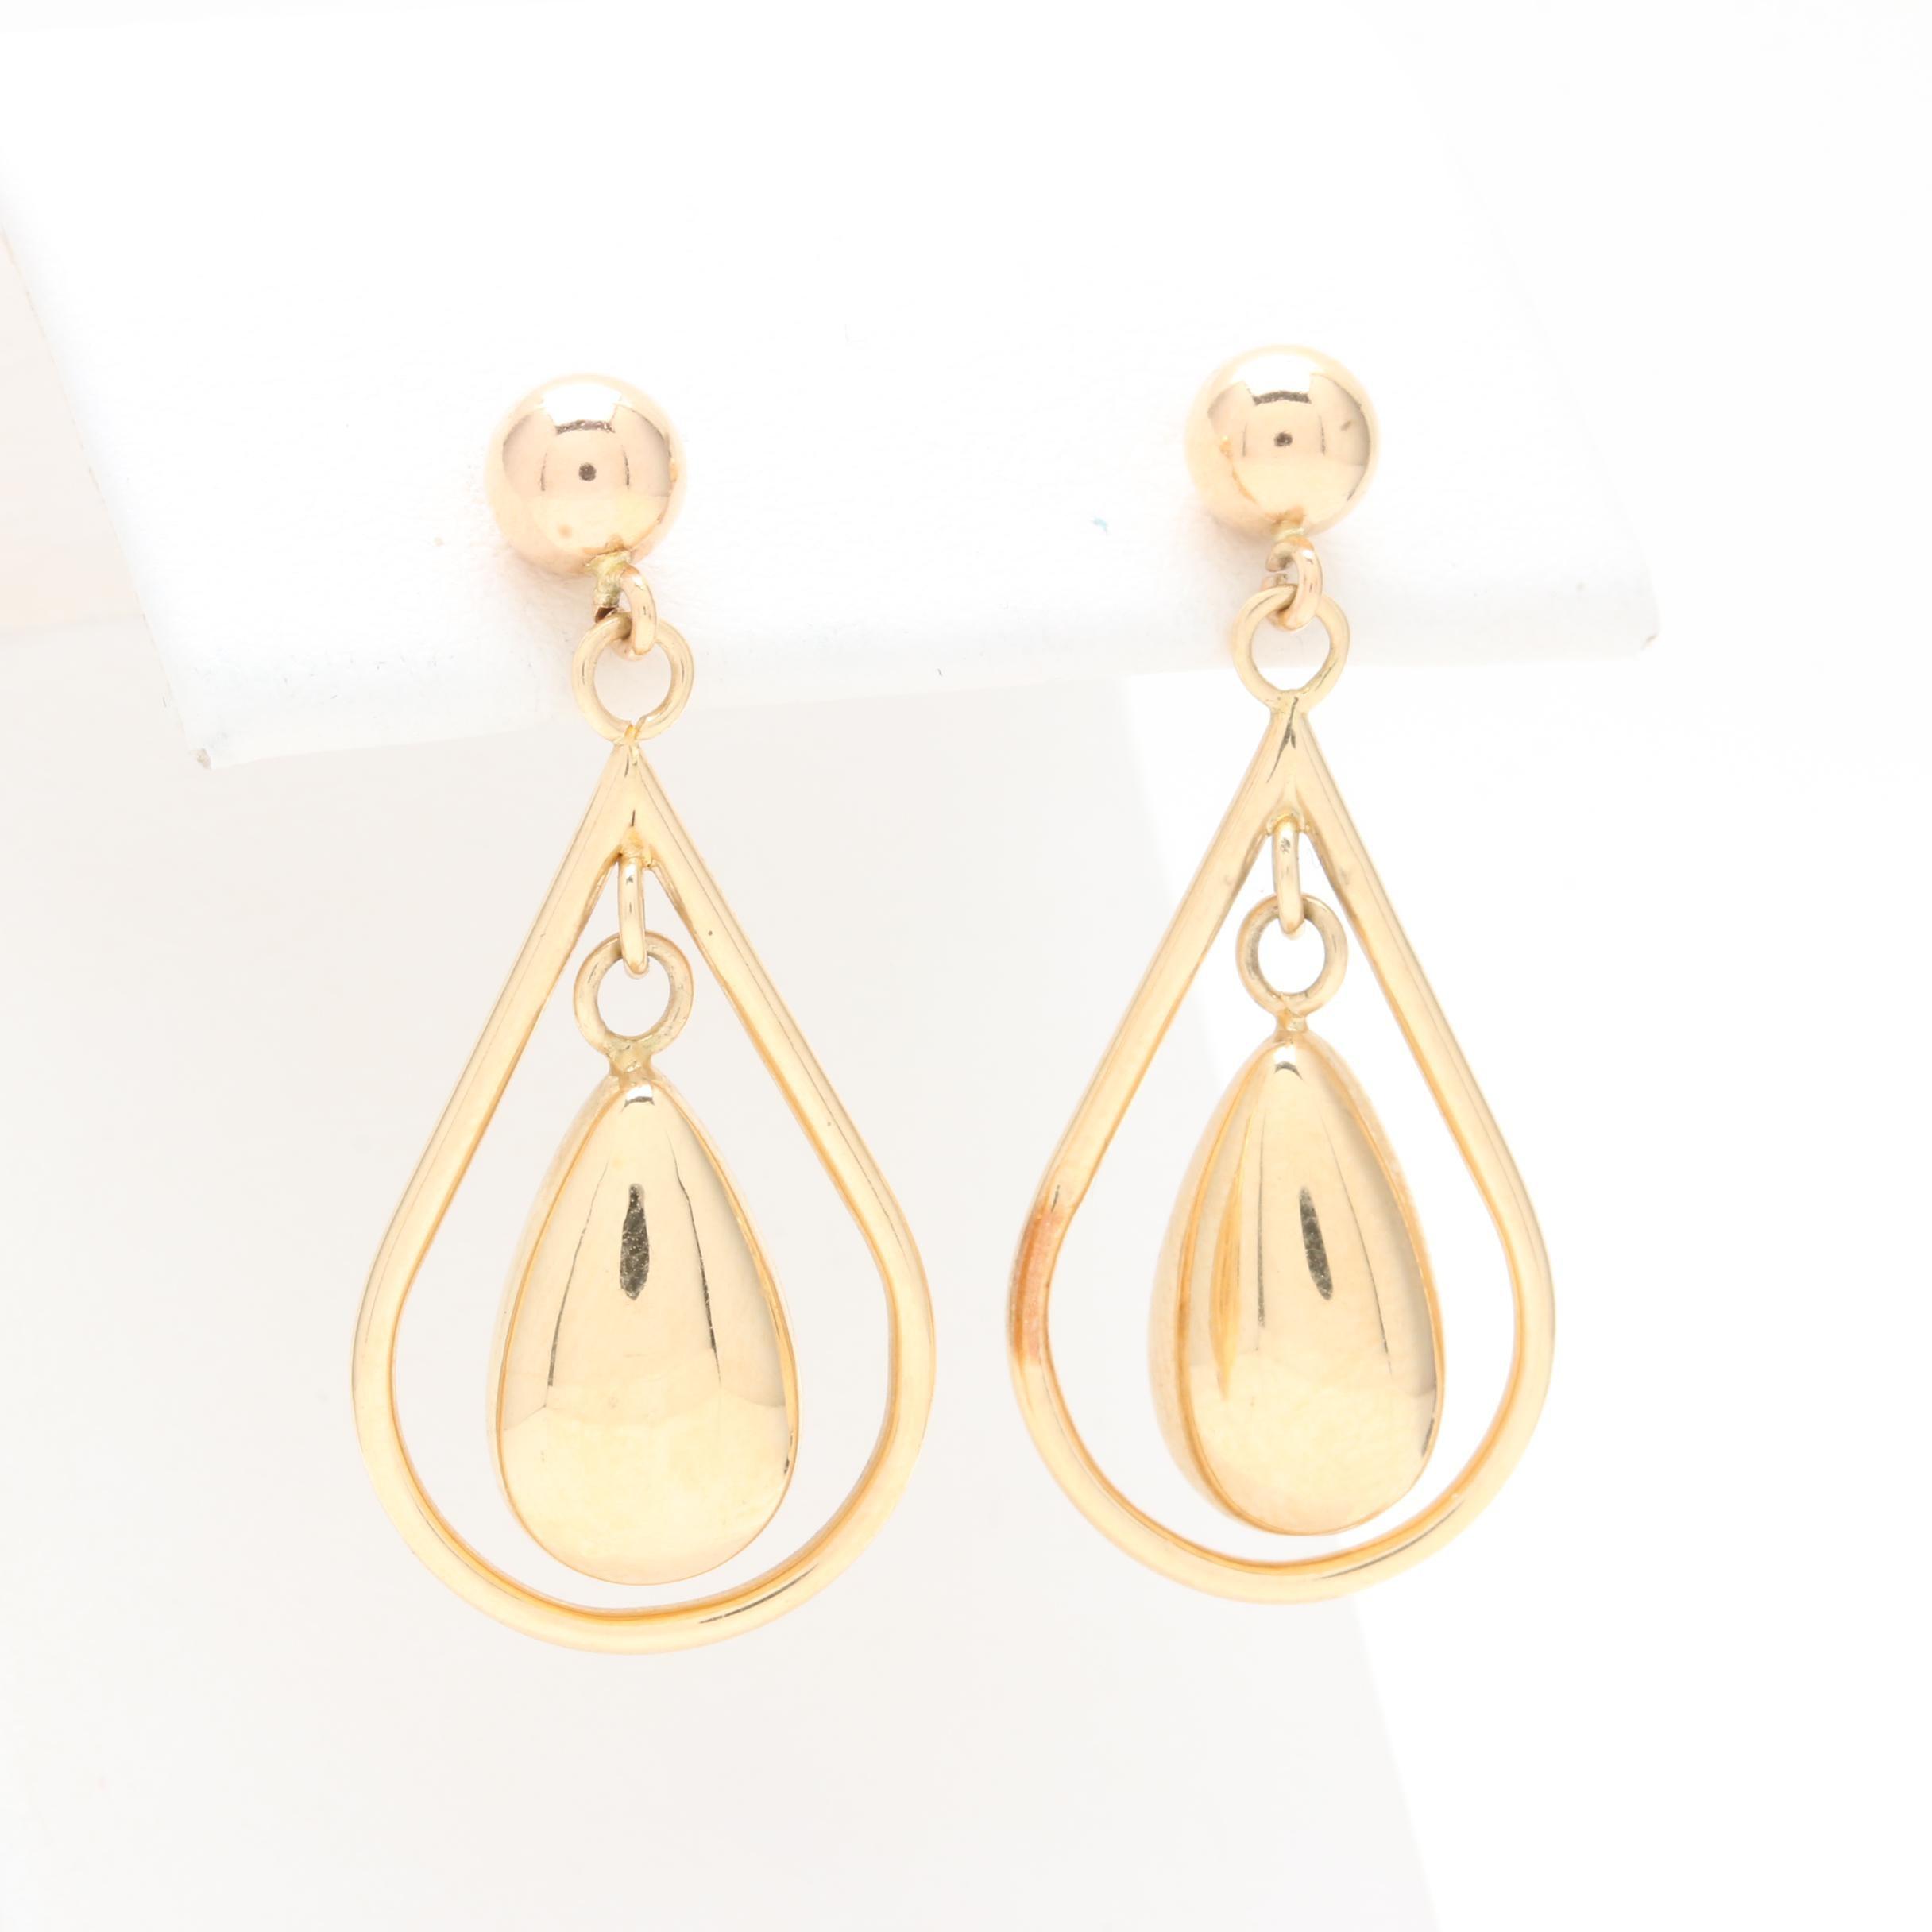 14K Yellow Gold Pear Drop Earrings